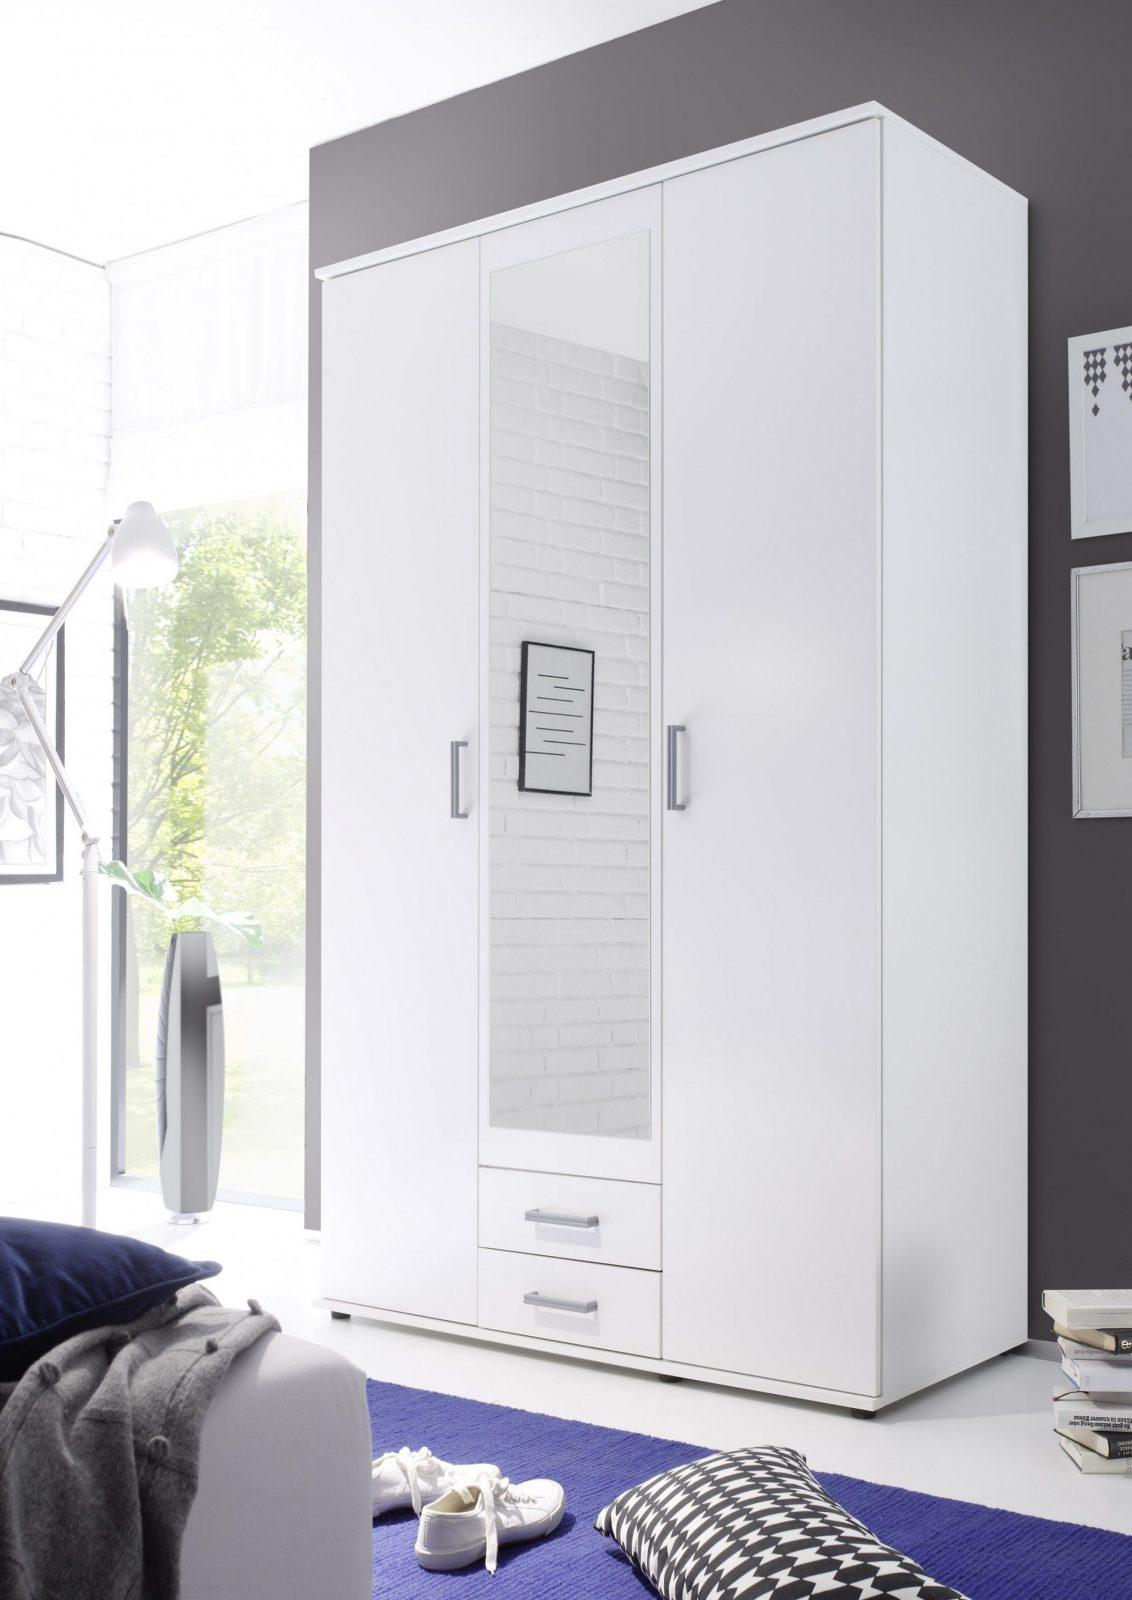 Kleiderschrank Drehtüren Schrank Schlafzimmerschrank Weiß Mit von Kleiderschrank Weiß 120 Cm Breit Bild